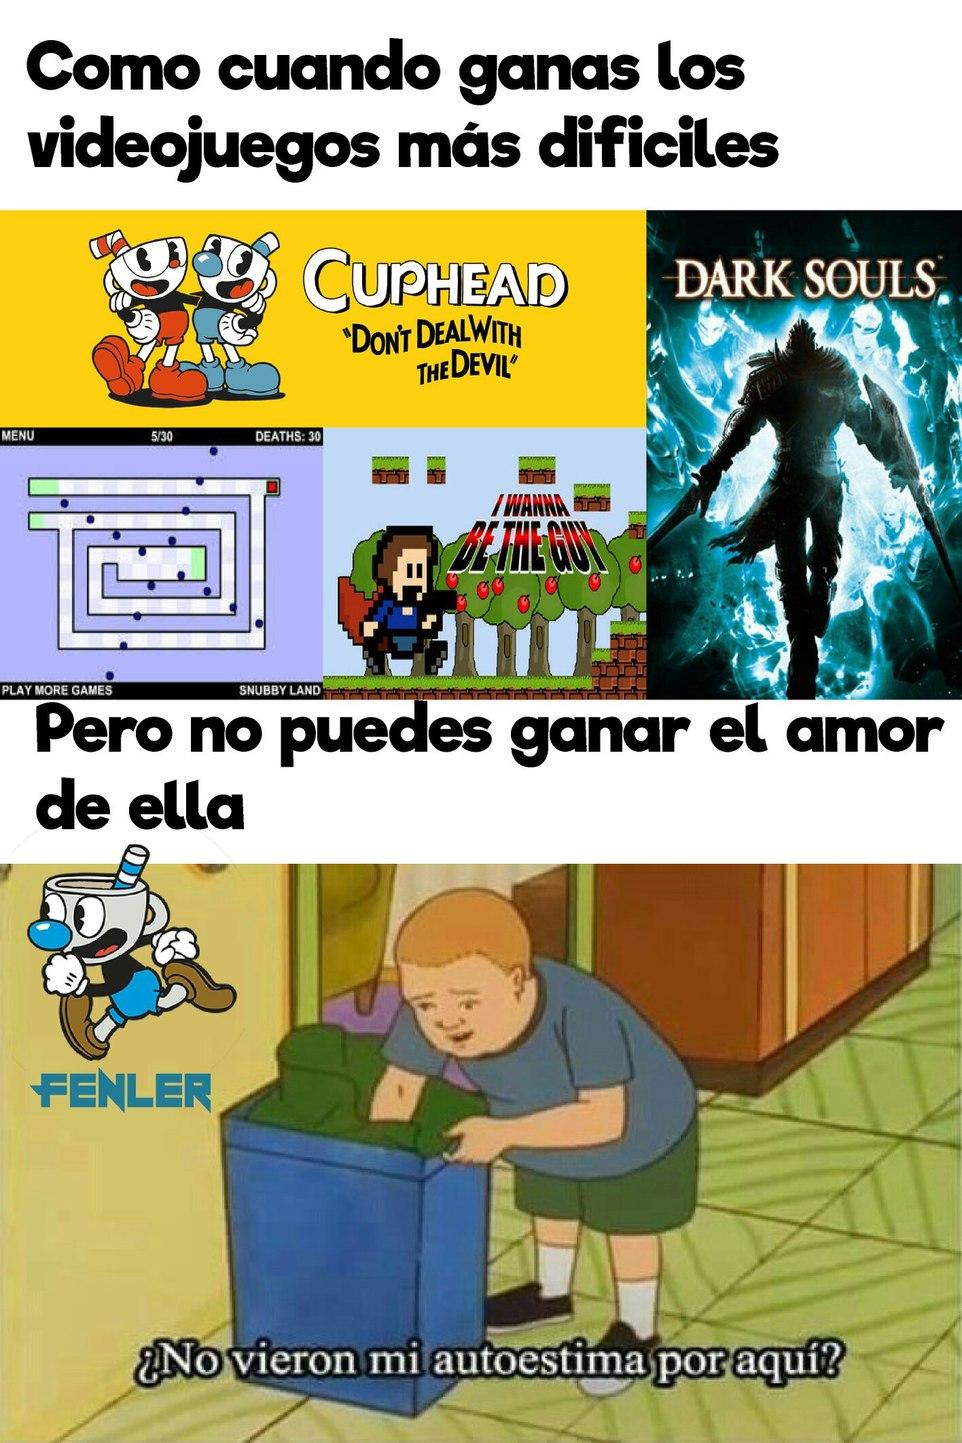 Más difícil que Dark Souls - meme